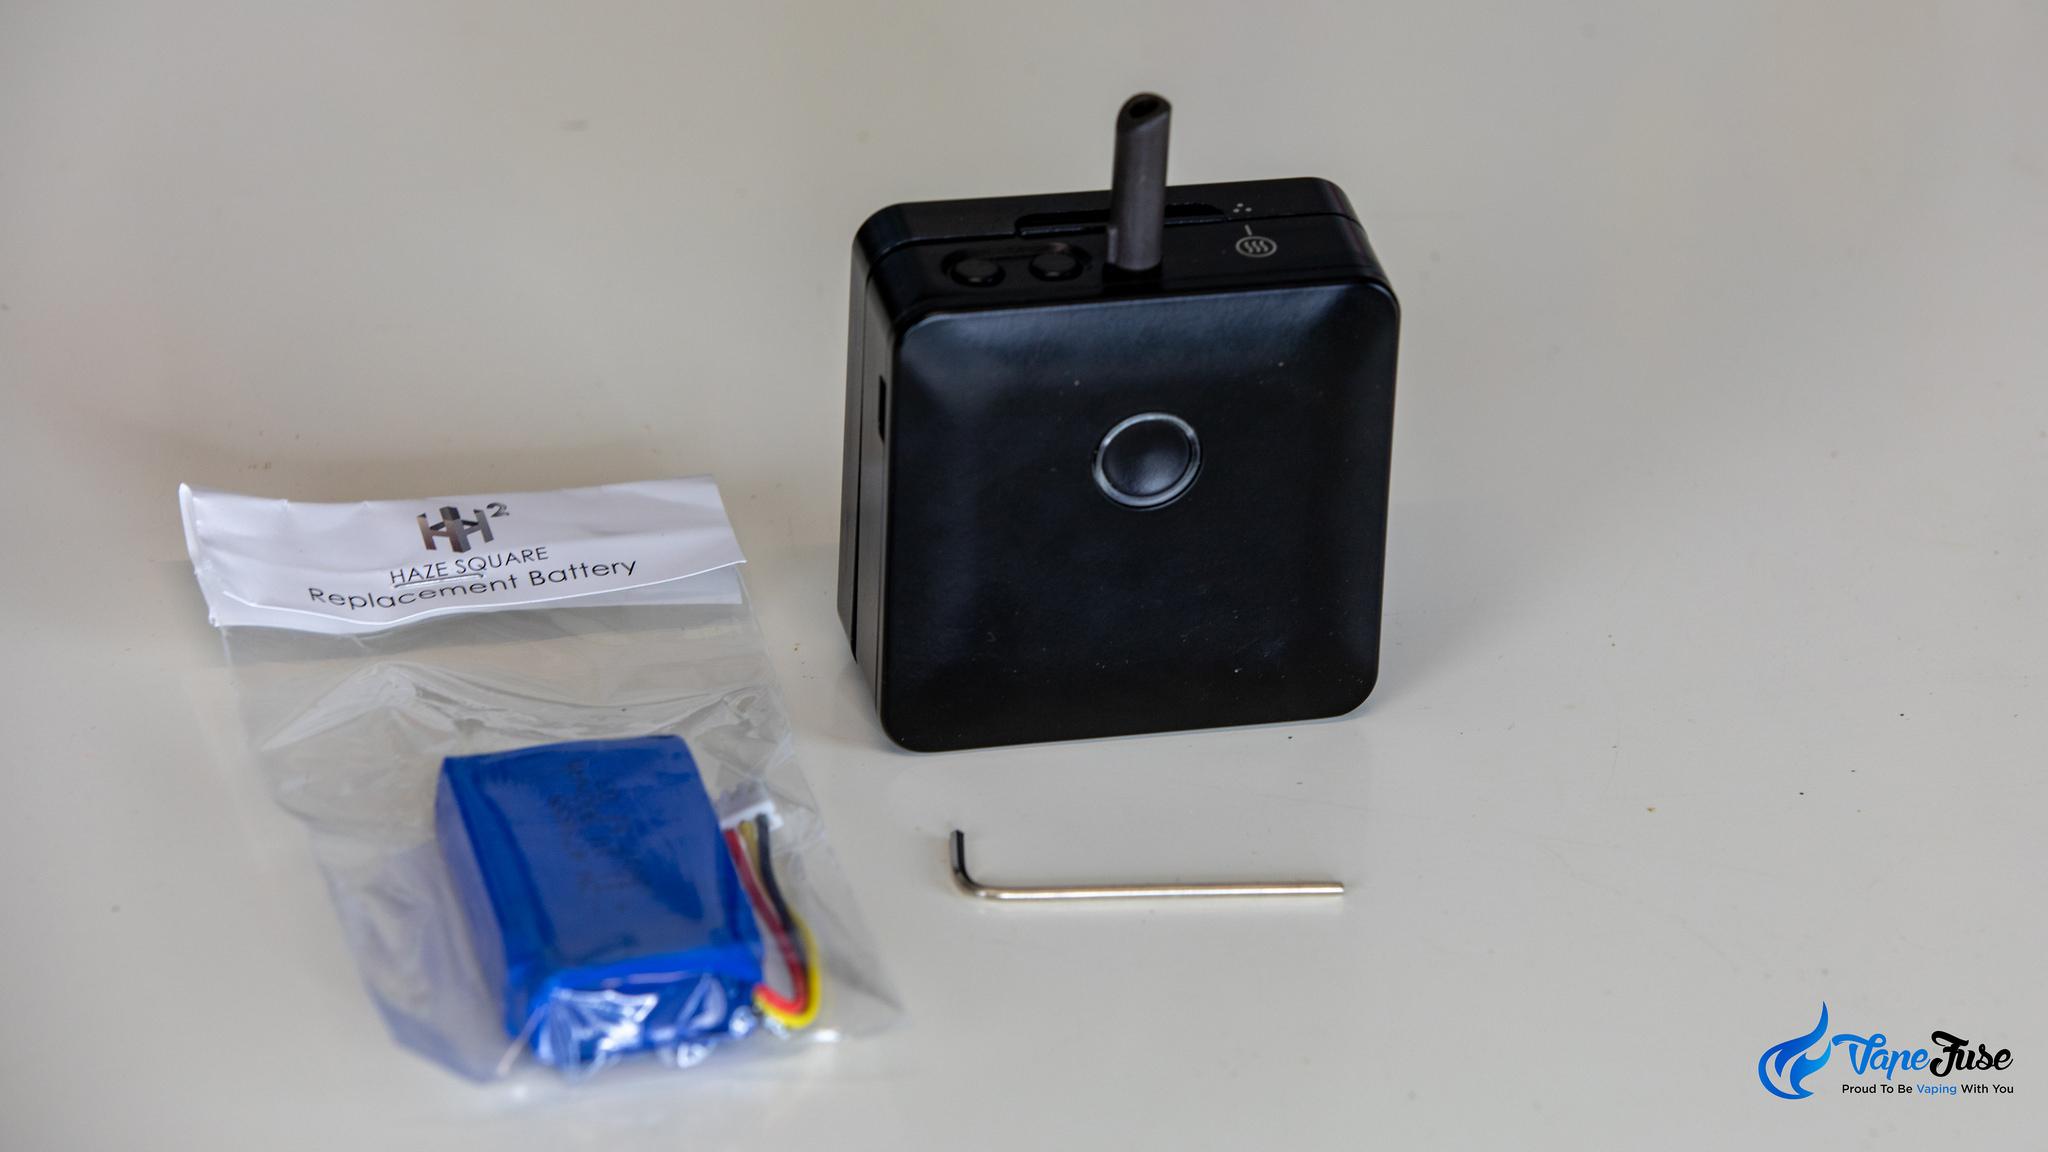 Haze Square Vape battery